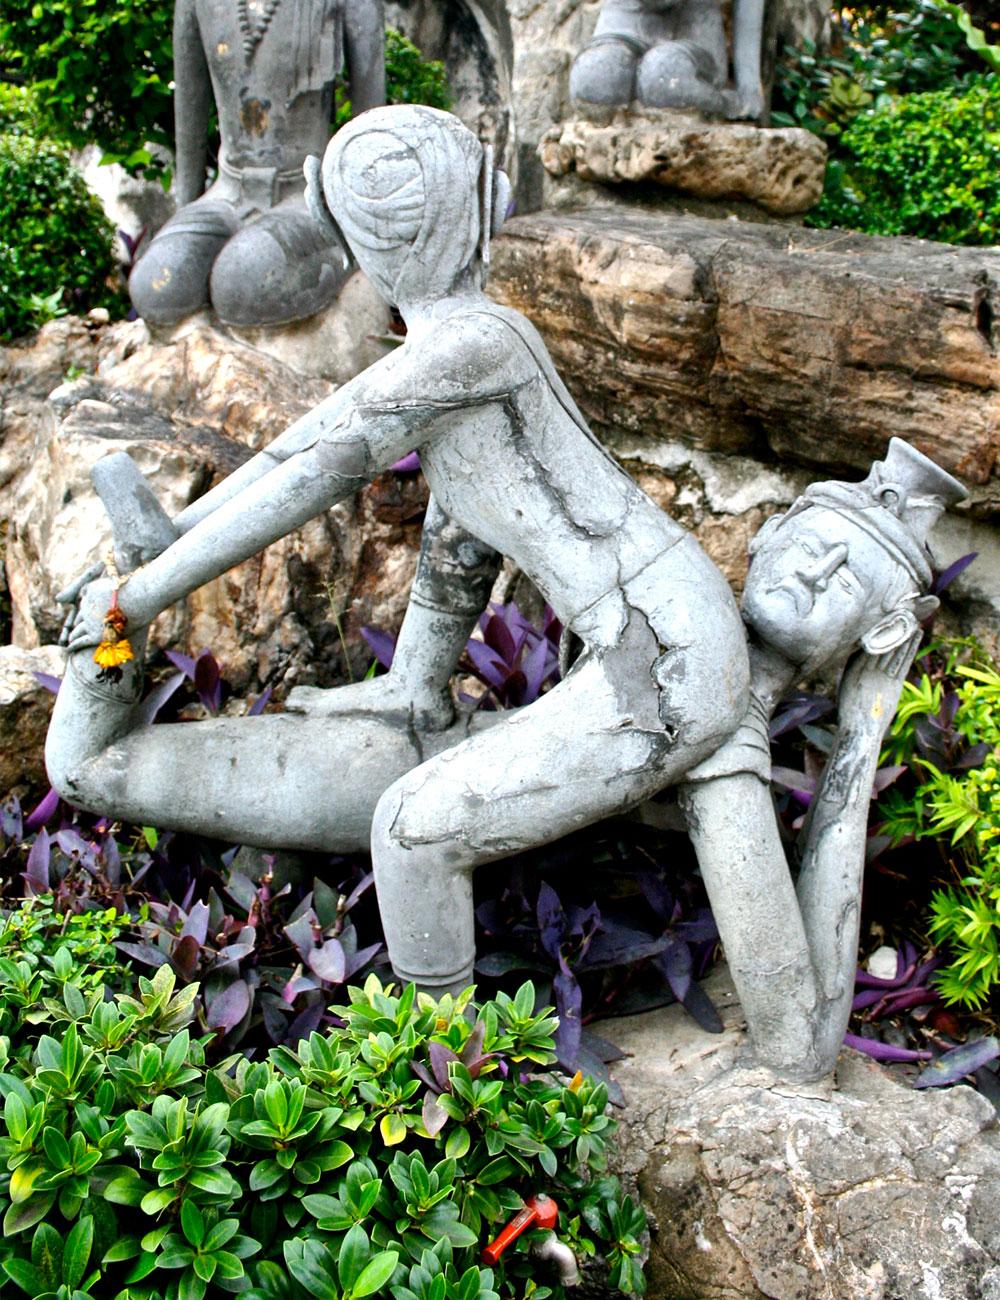 Thai massage sculpture